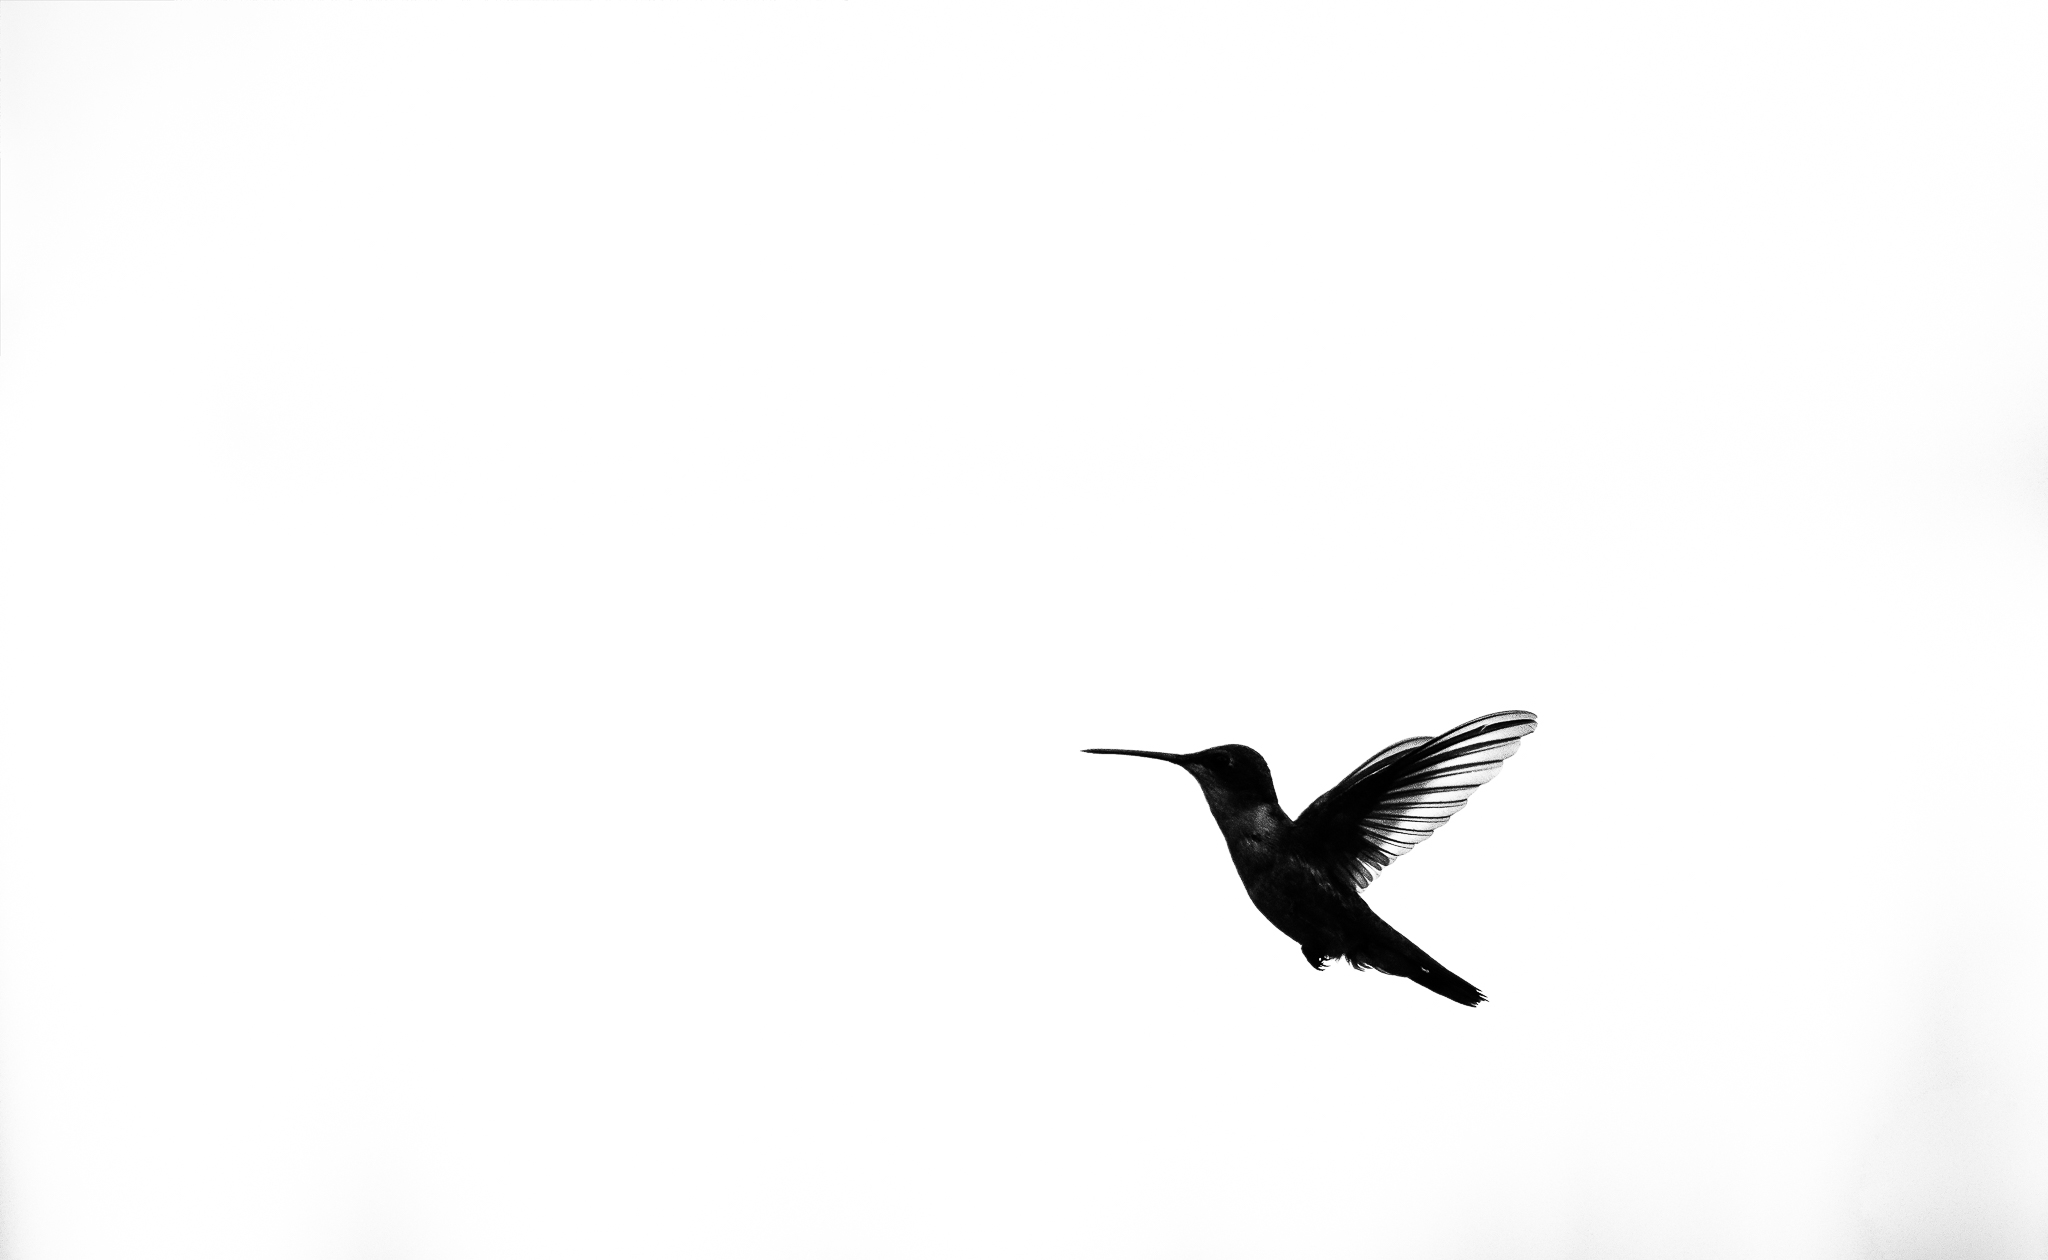 KAP_4743-Edit-2.jpg